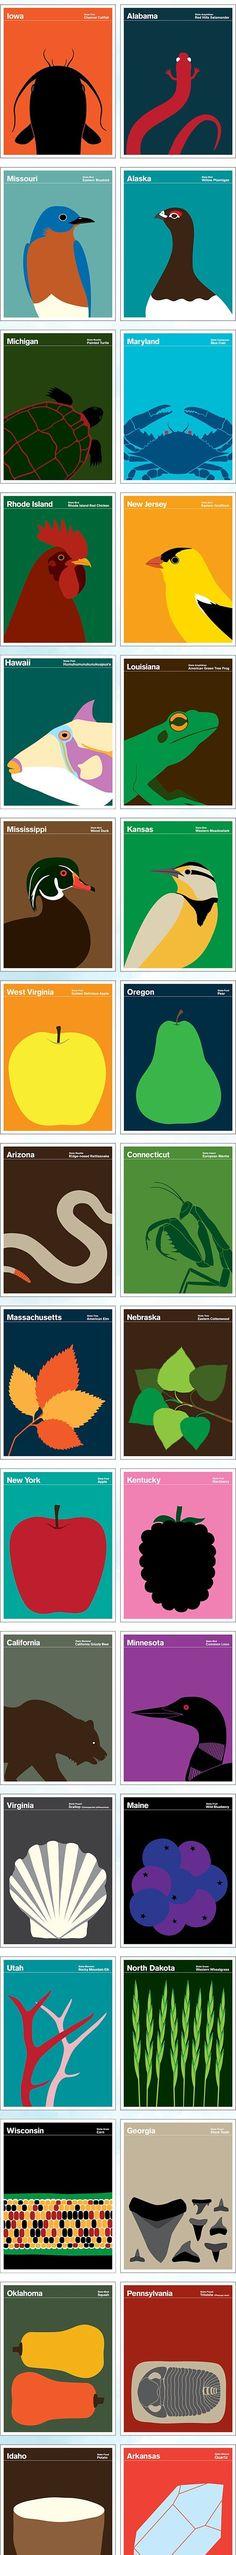 미국 도시들을 동물들에 나타내서 만든 포스터 엄청나게 방대한 도시들을 잘 나타내었다